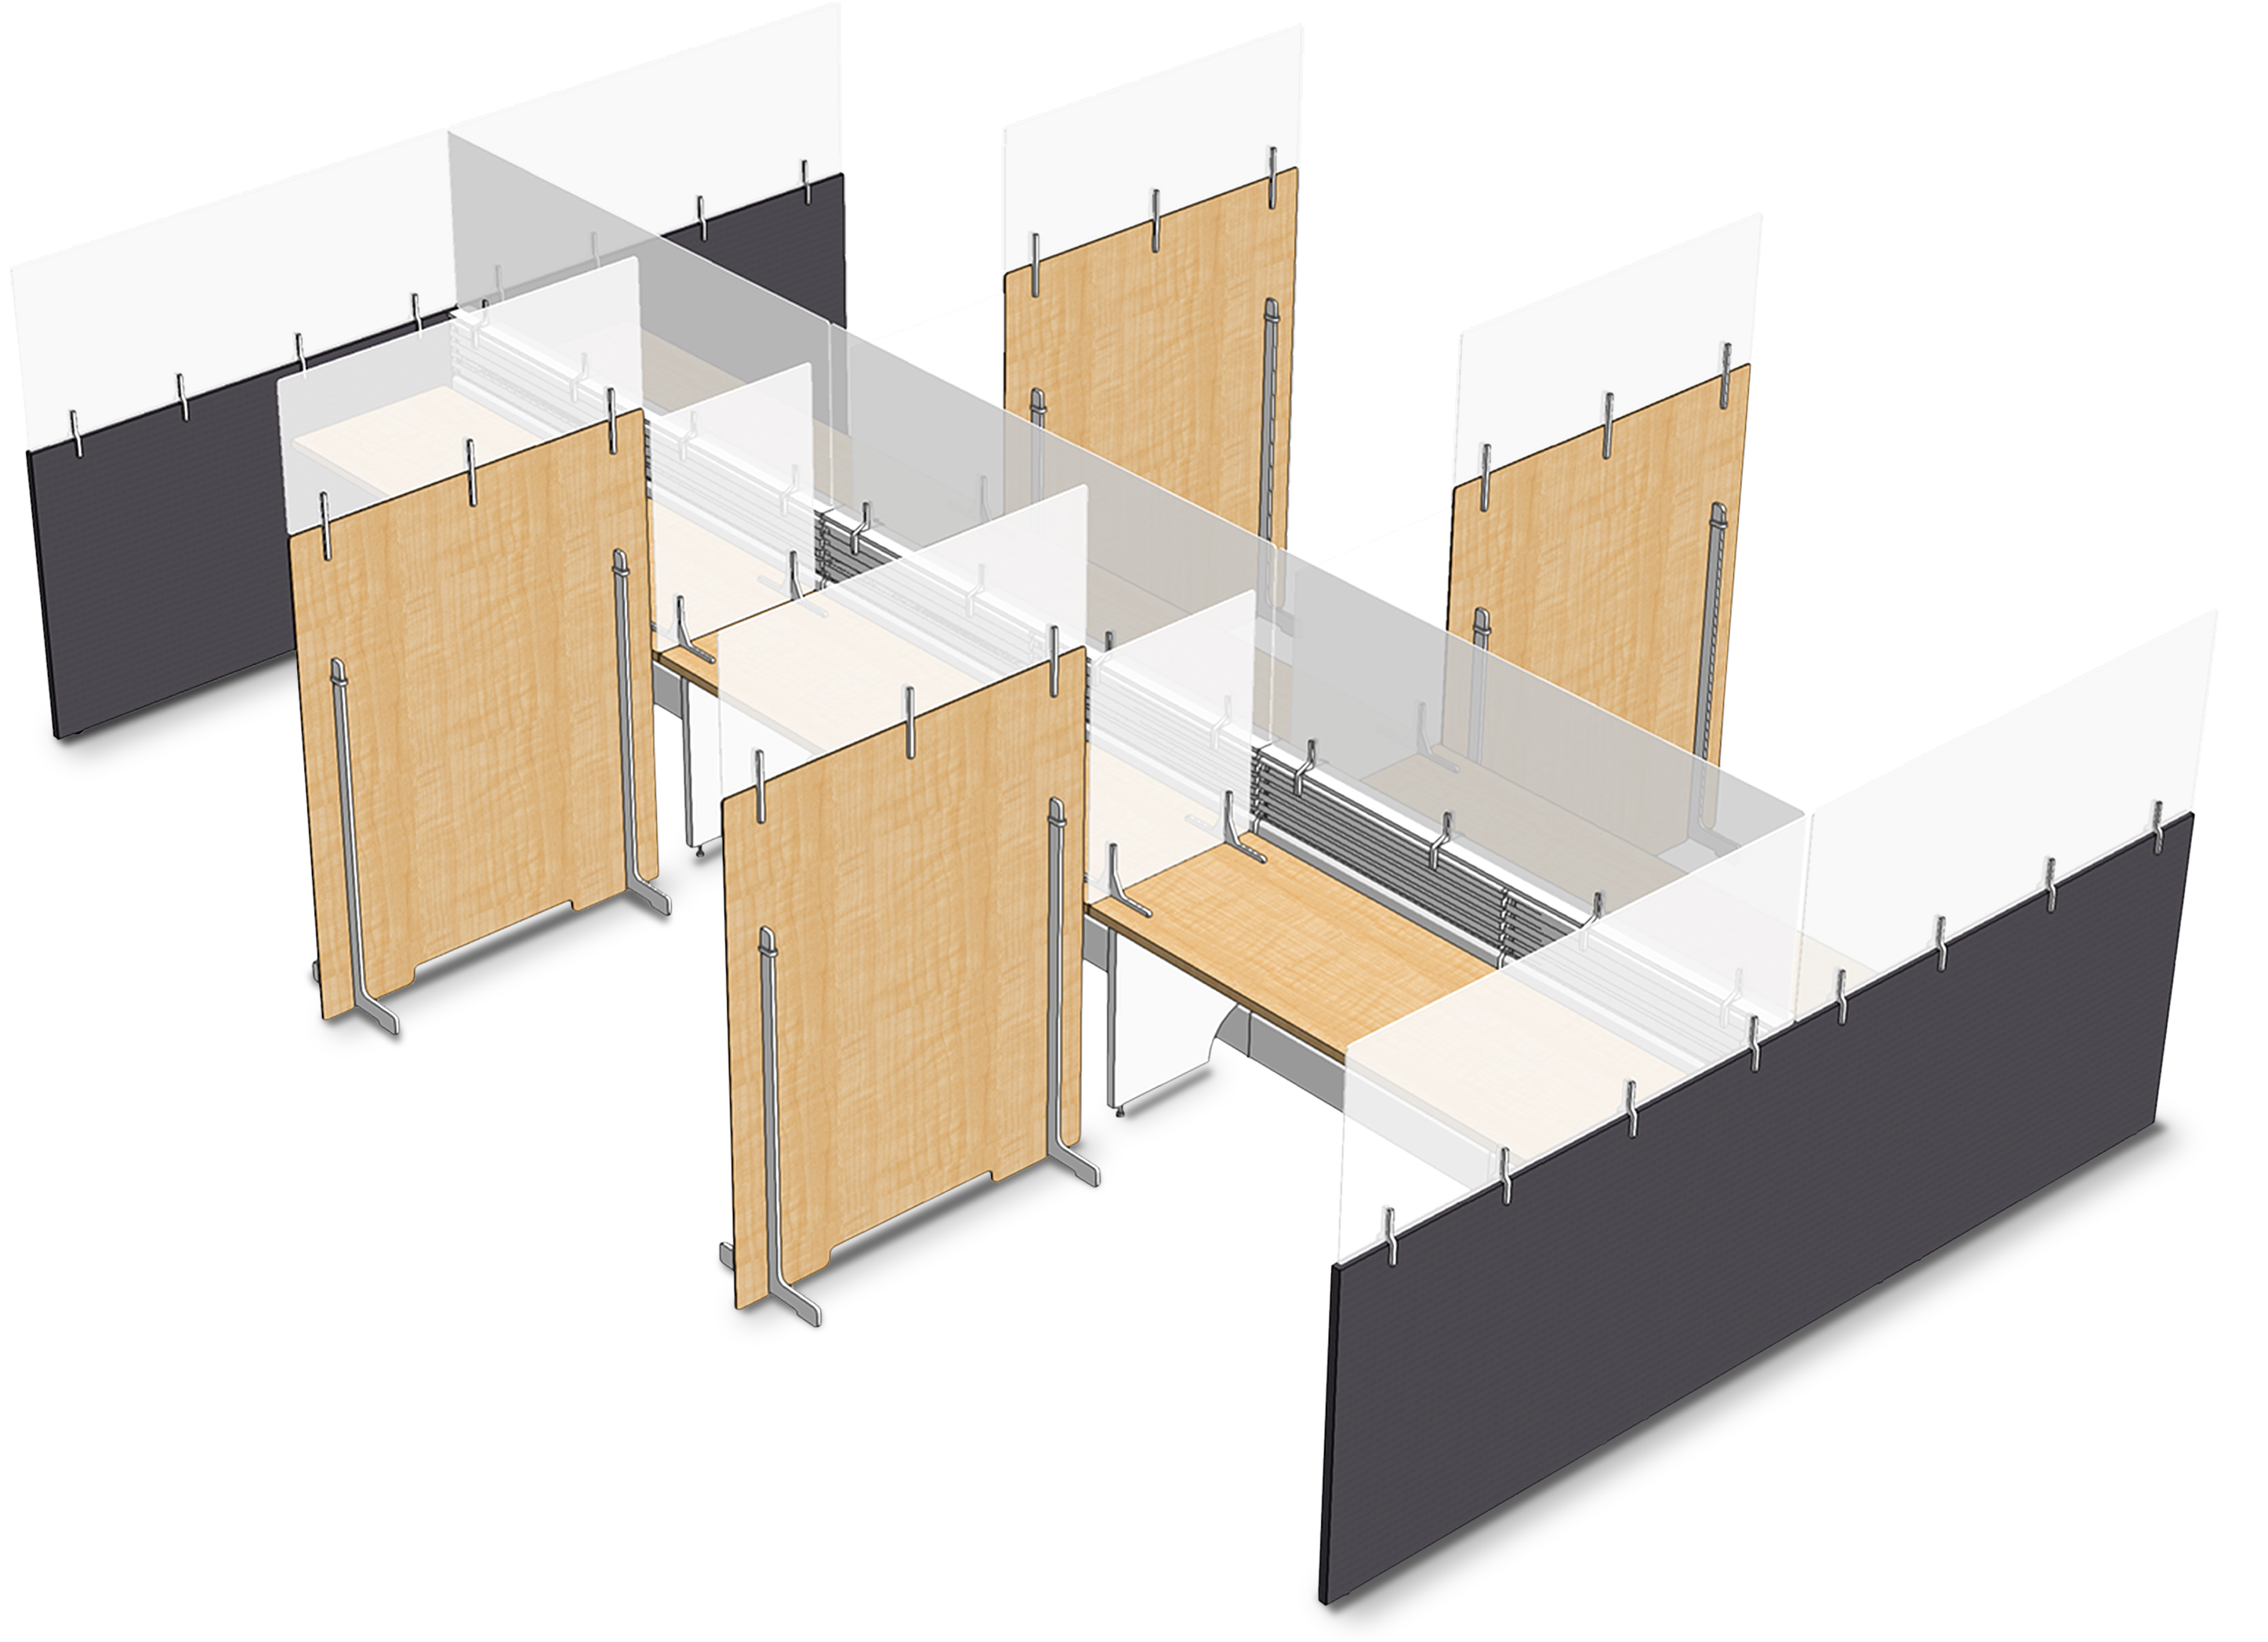 Freestanding unit rendering